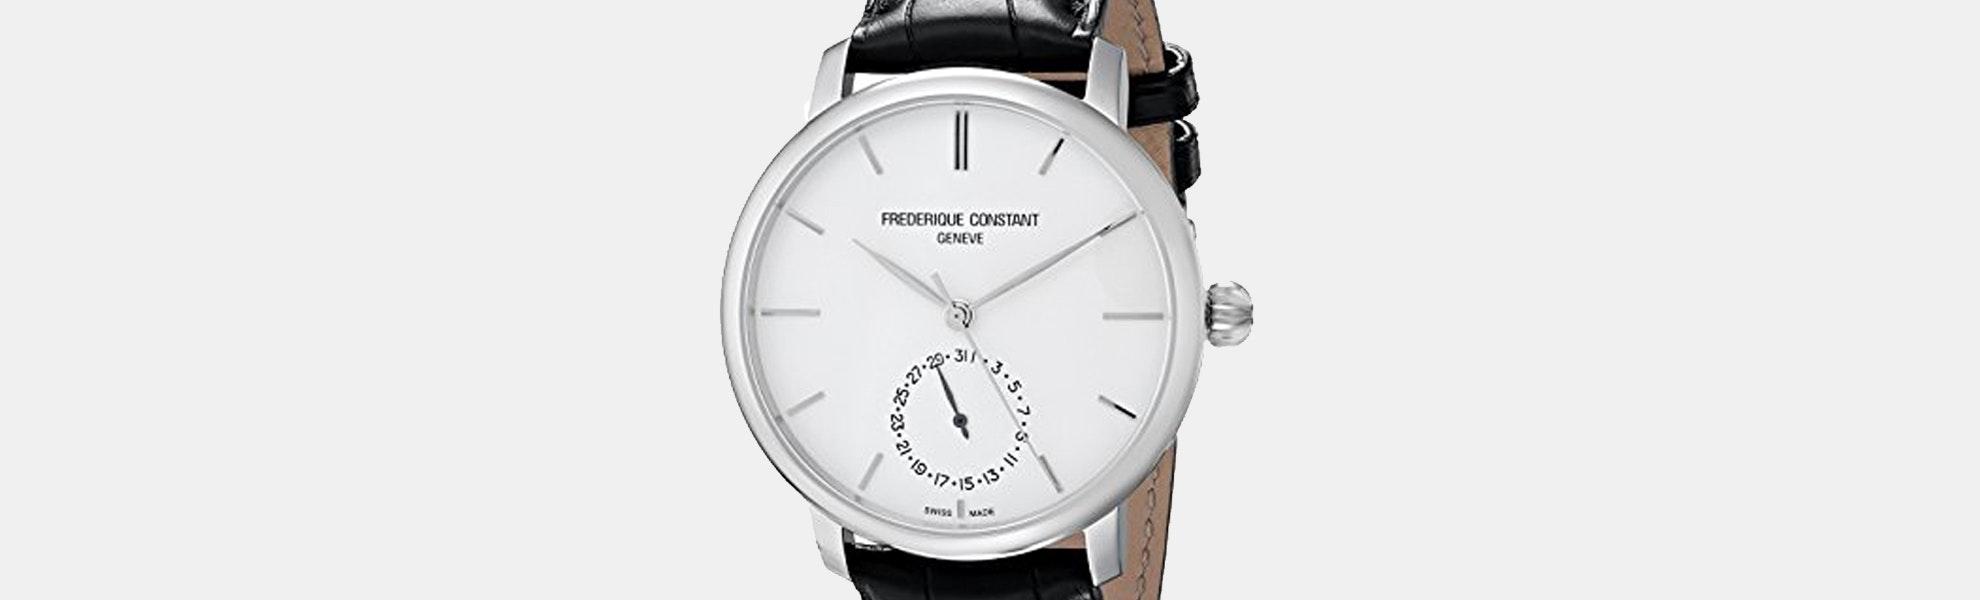 Frédérique Constant Slim Line Automatic Watch